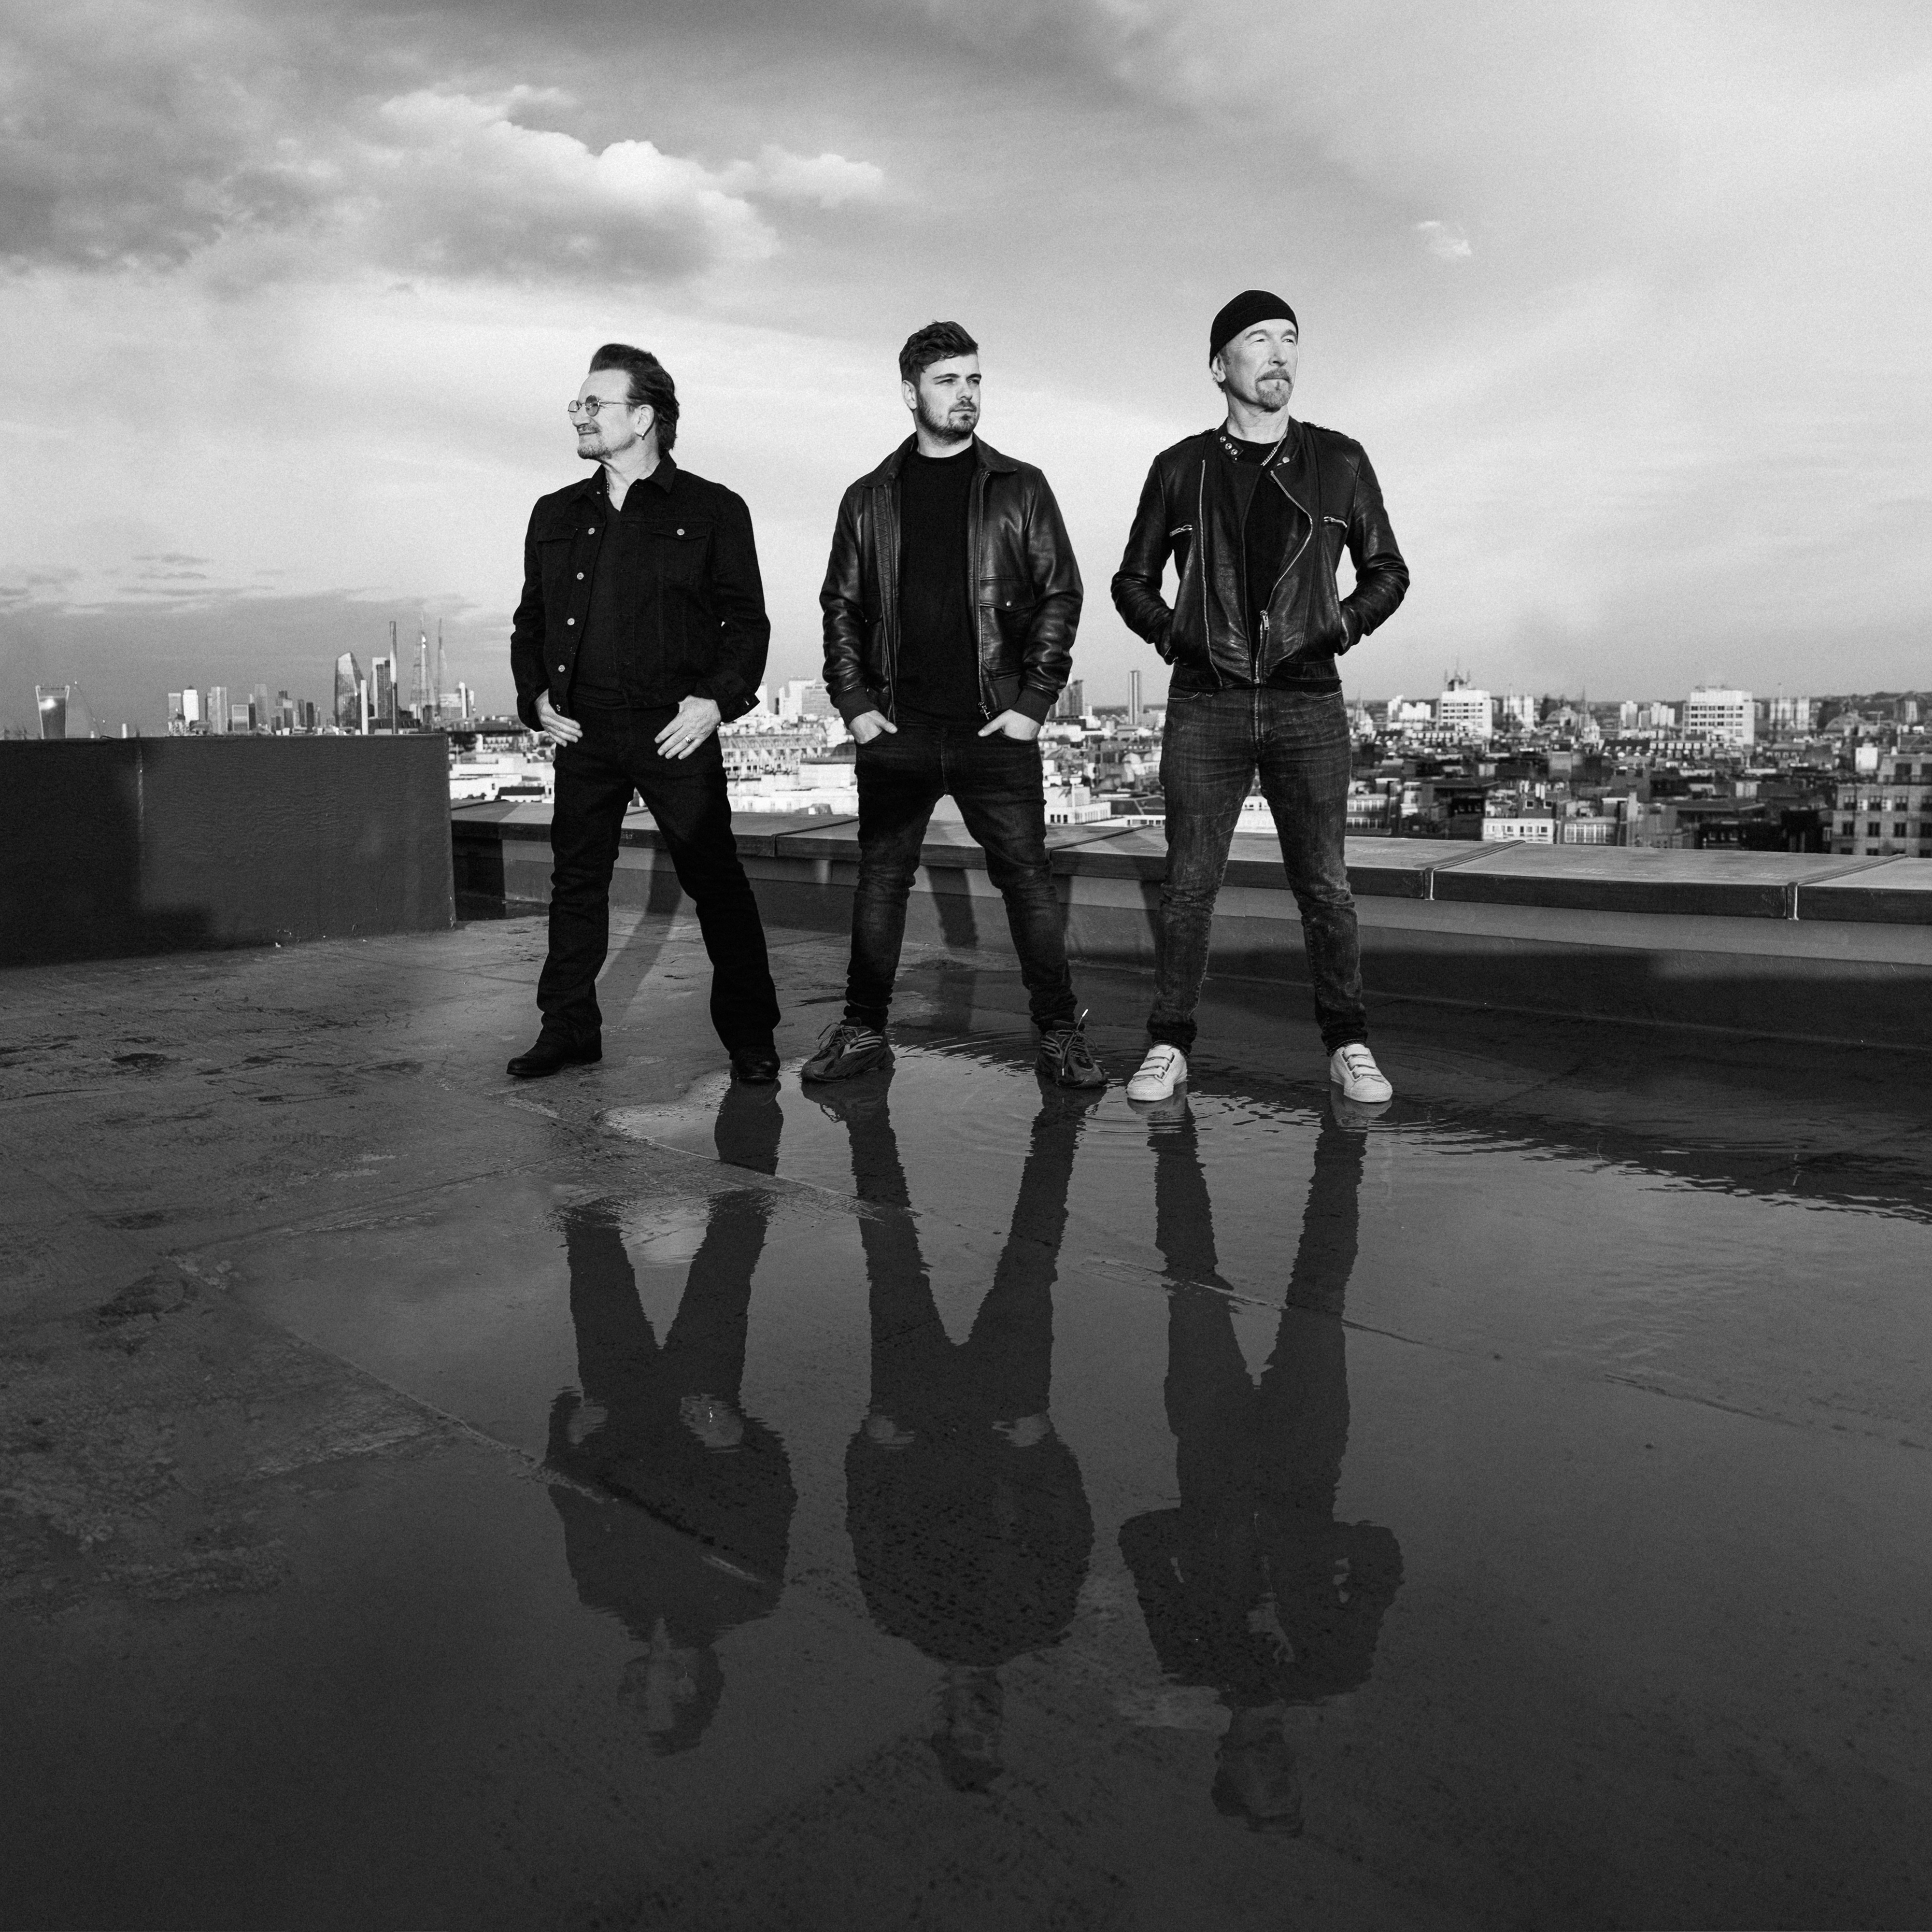 'We Are The People' von Martin Garrix, Bono und The Edge ist der UEFA EURO 2020-Hit